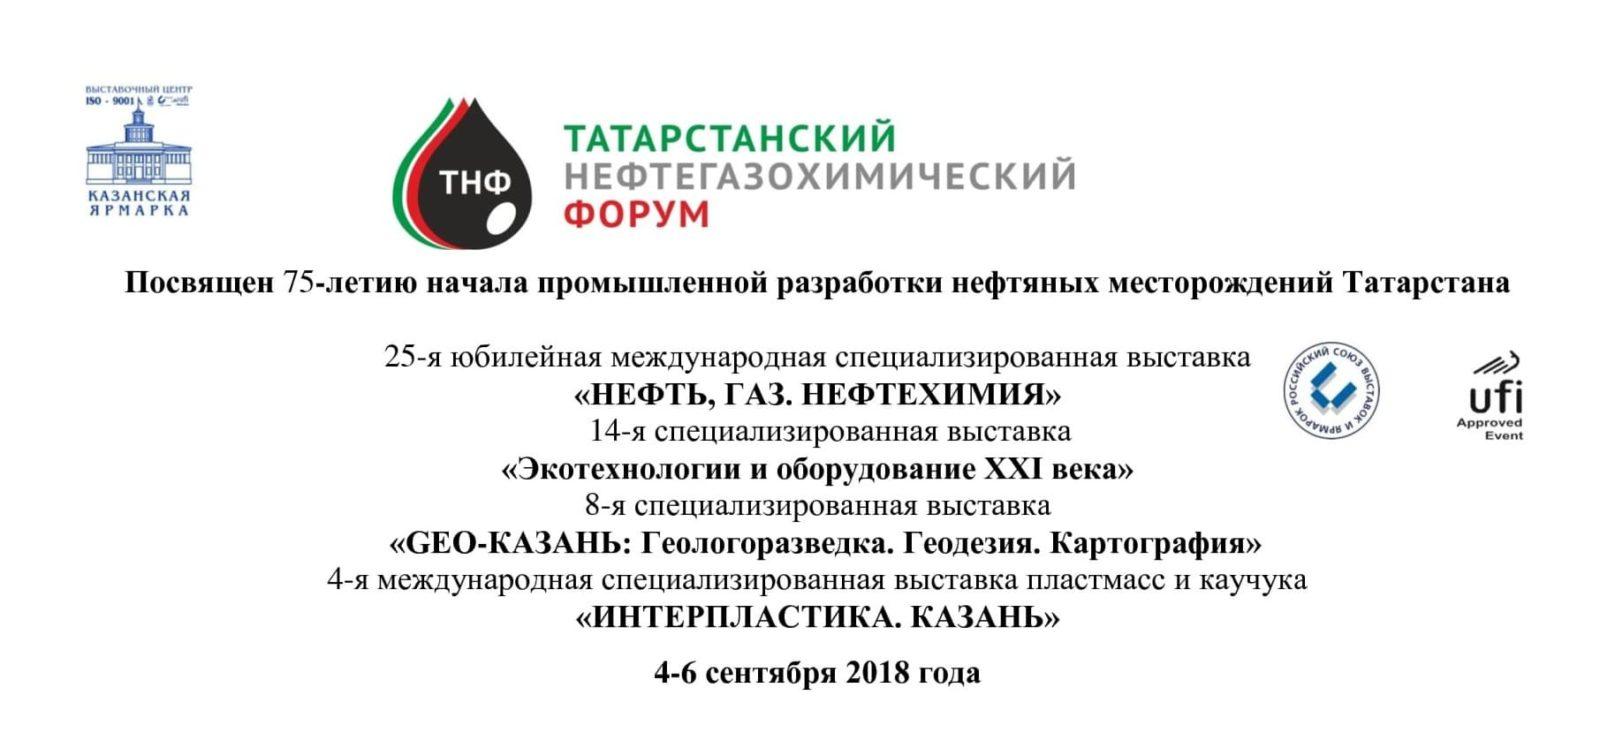 ООО «РеноТЭК» на выставке «НЕФТЬ, ГАЗ. НЕФТЕХИМИЯ 2018»